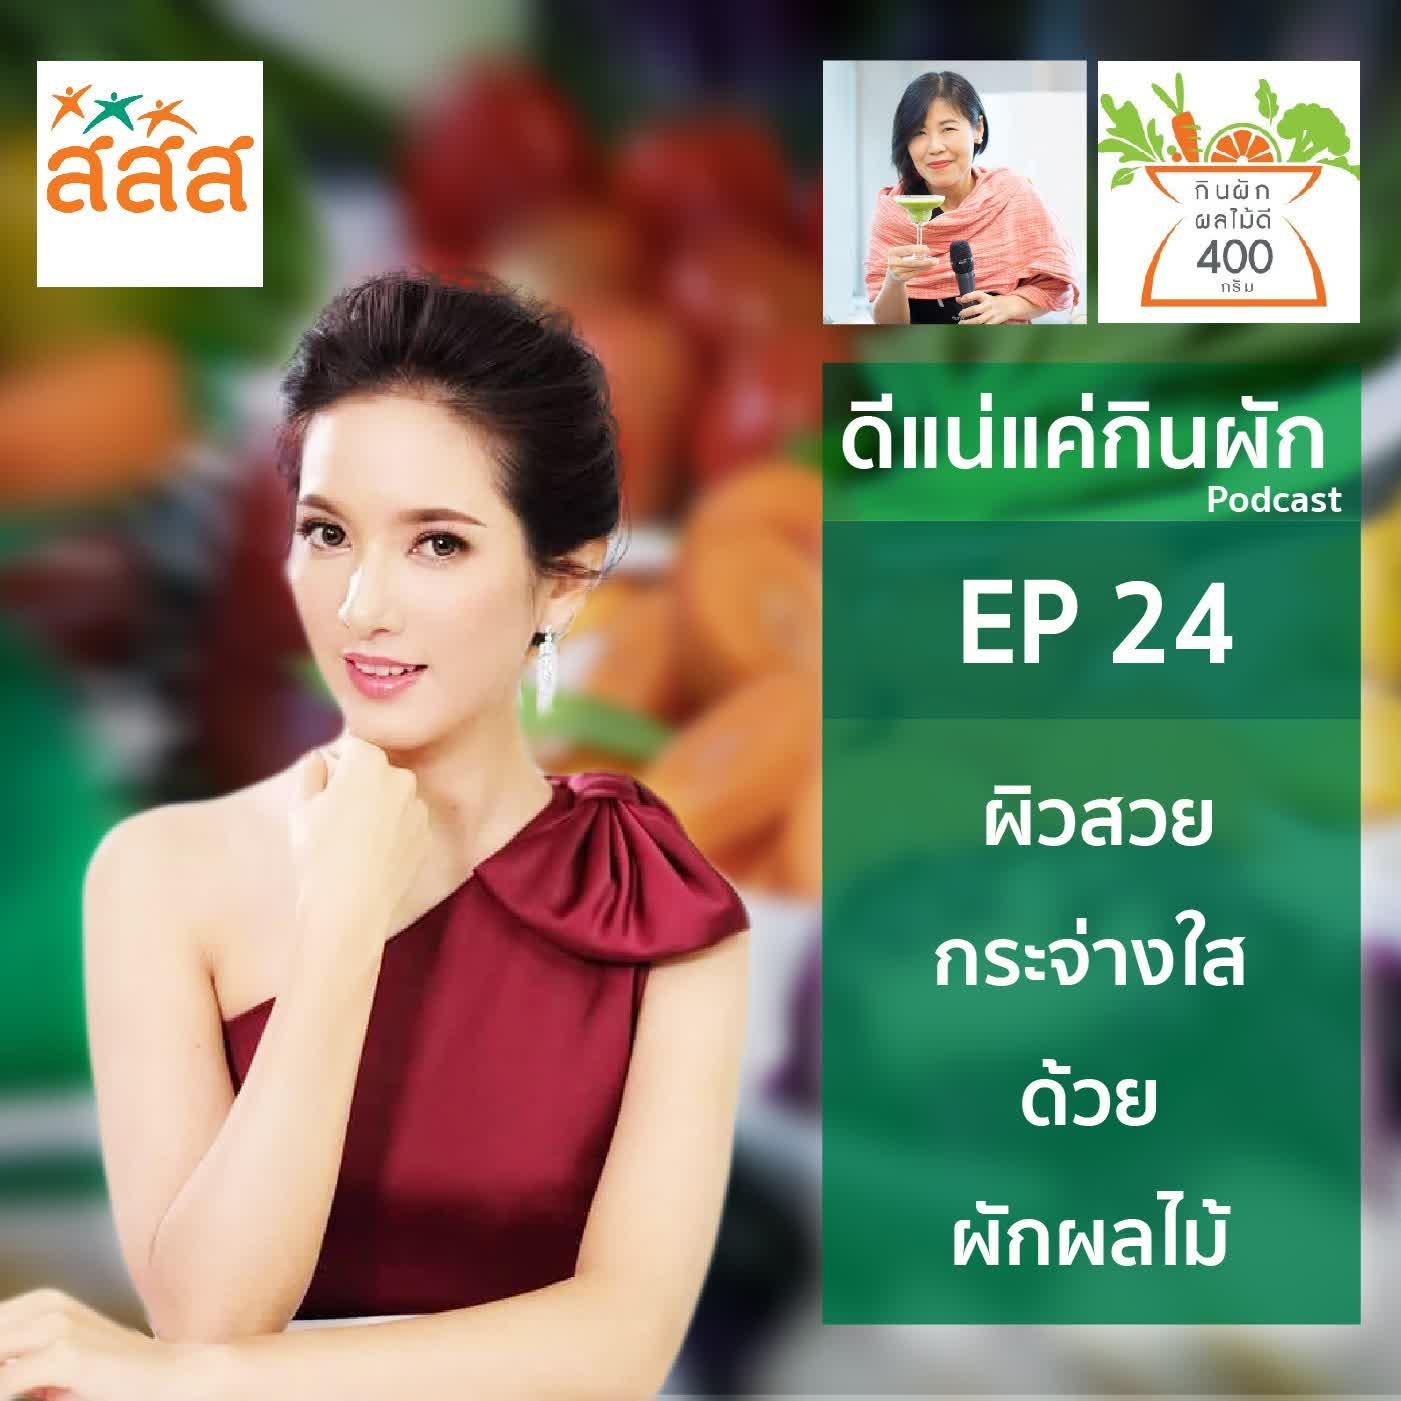 EP024 : ผิวสวยกระจ่างใสด้วยผักผลไม้